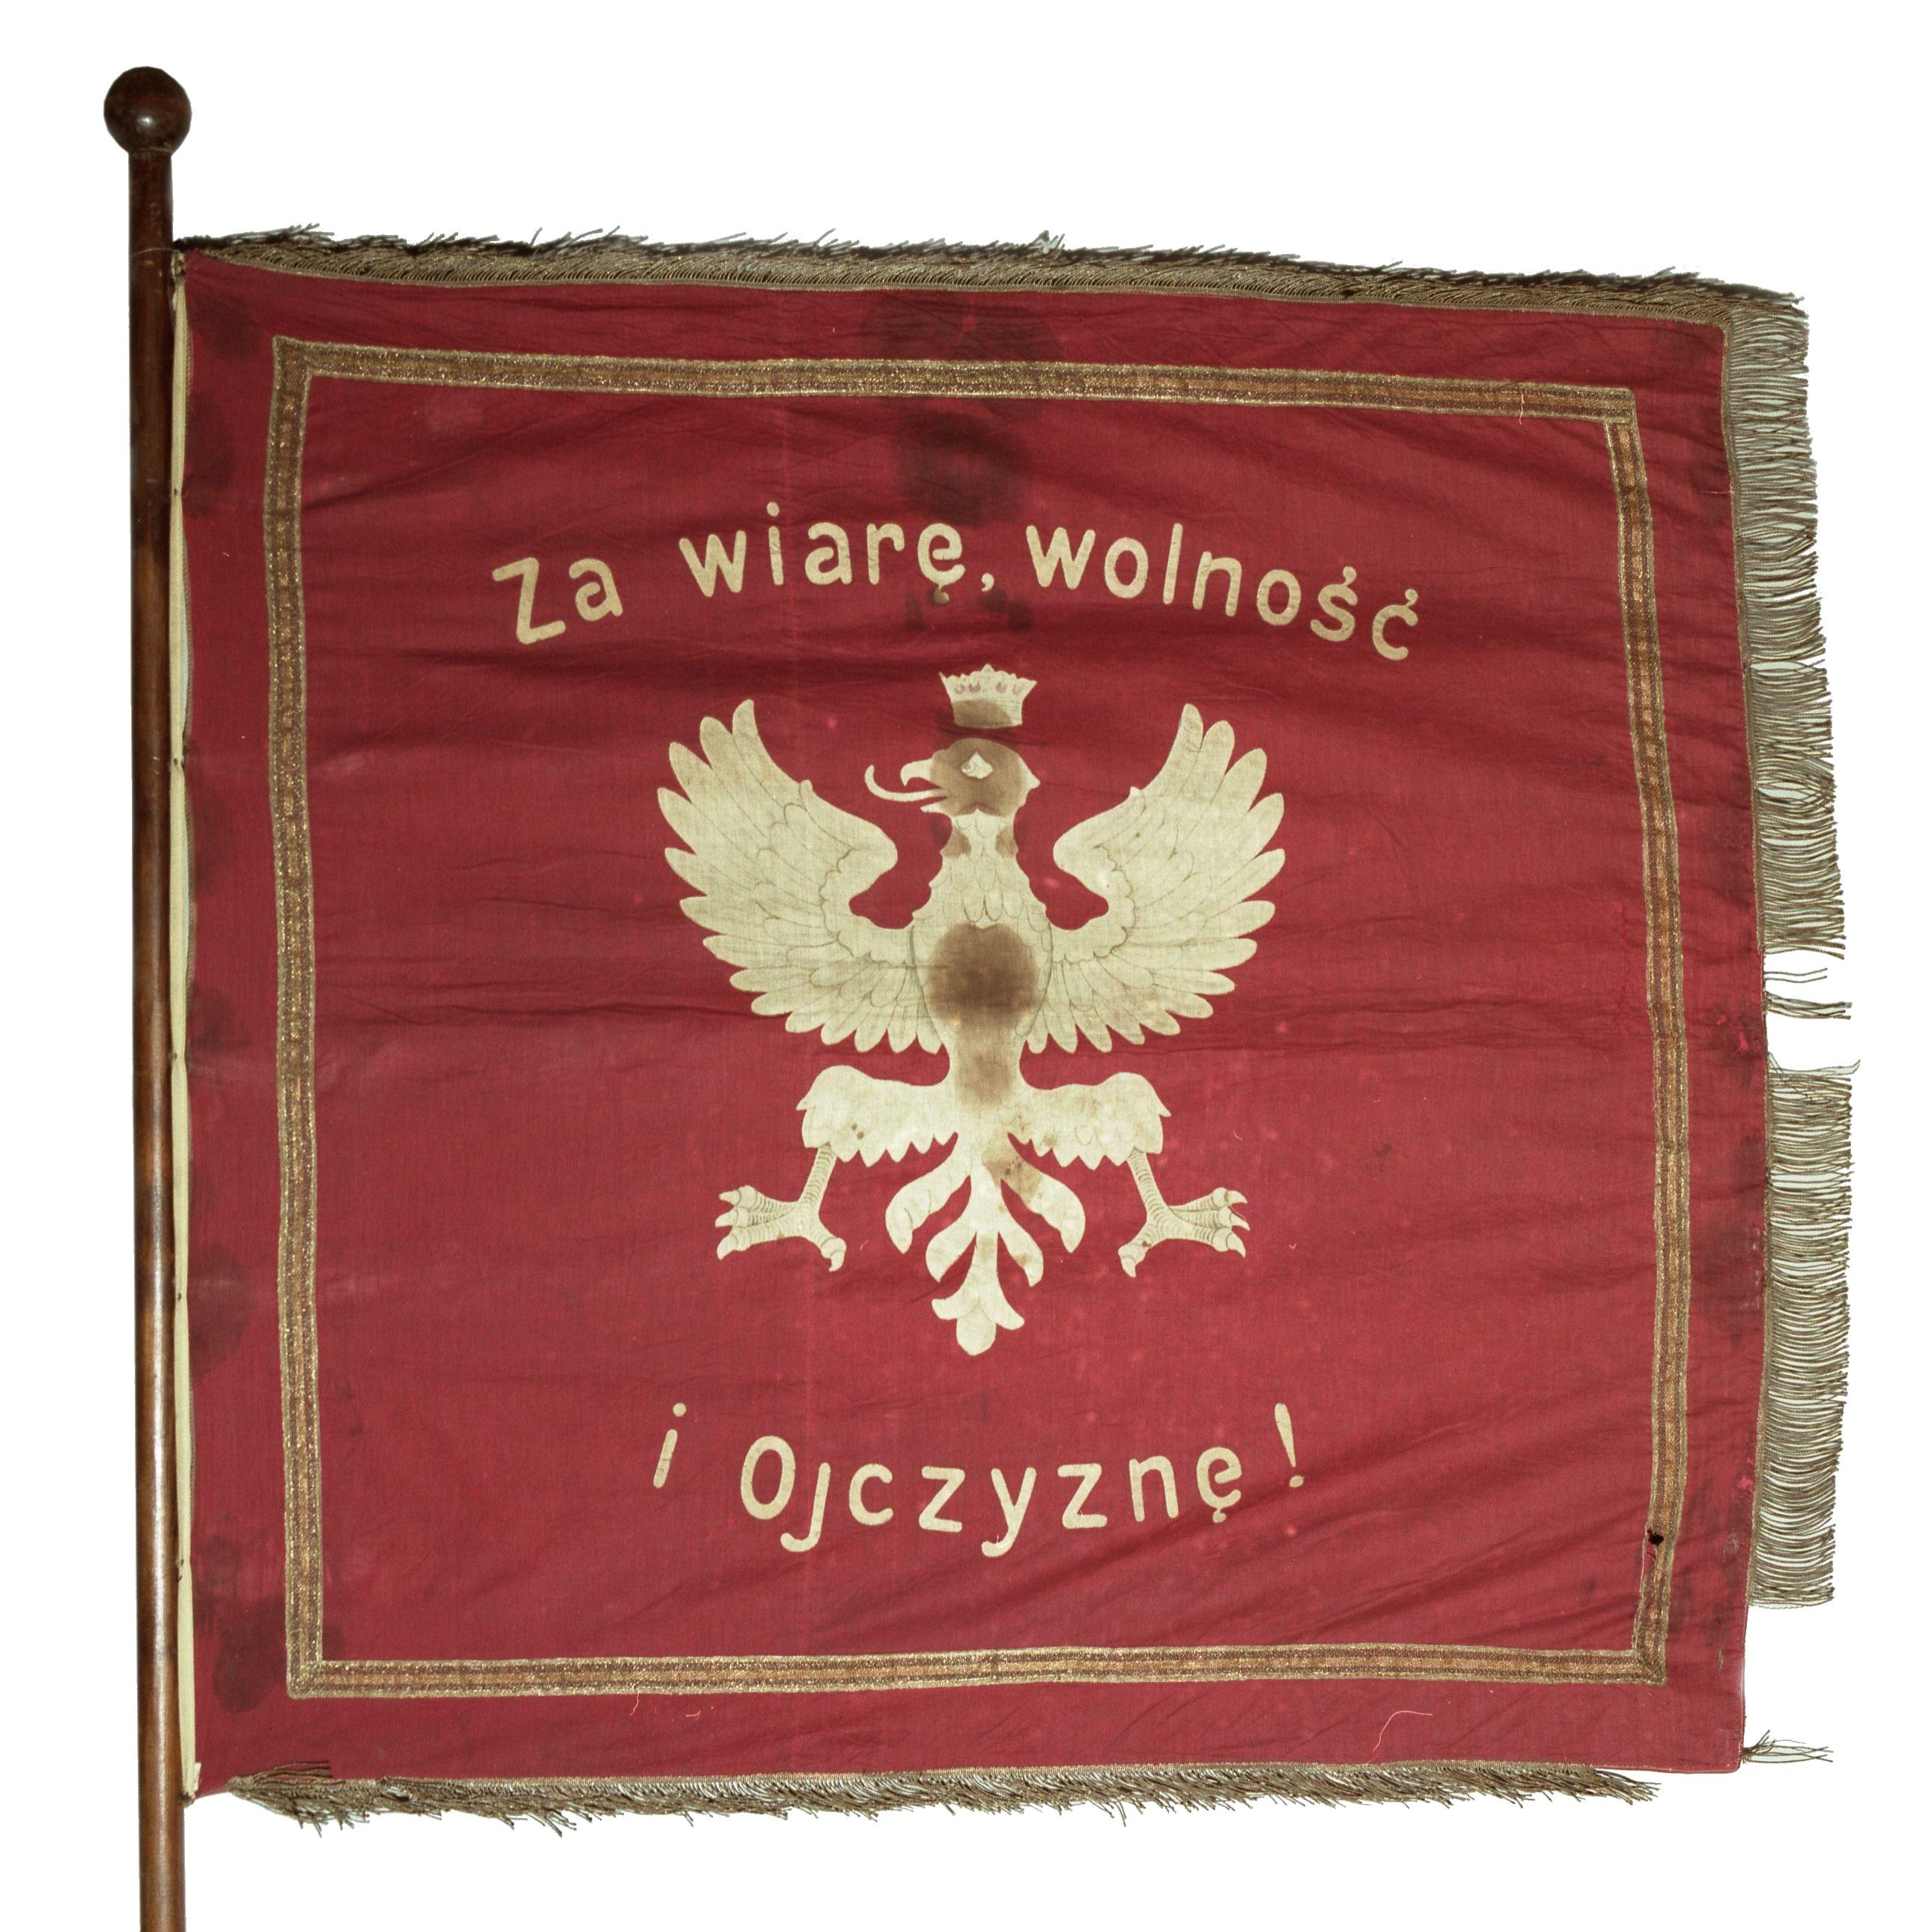 Sztandar oddziału powstańców śląskich